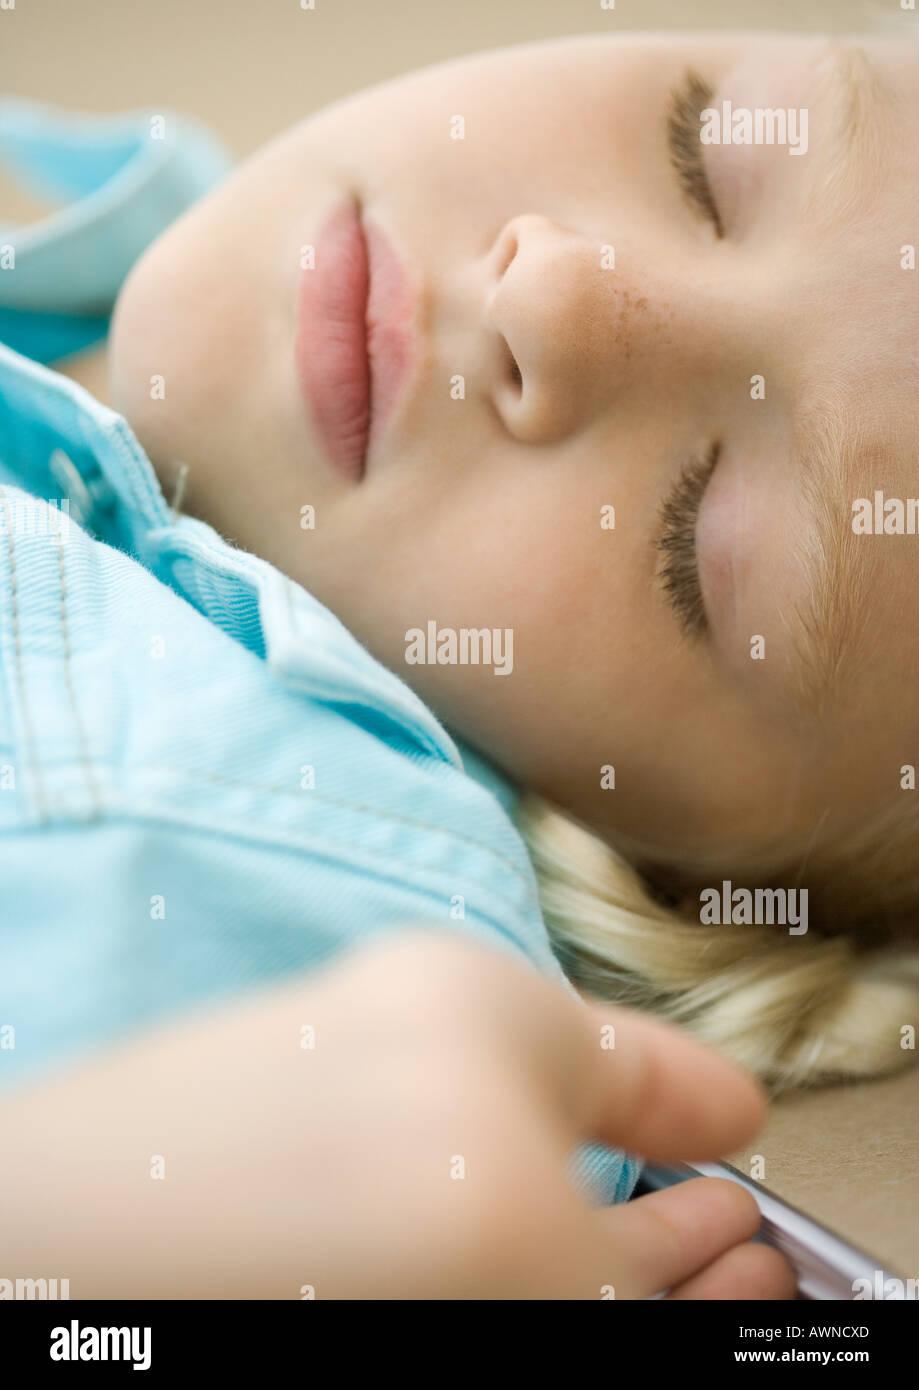 Girl sleeping - Stock Image